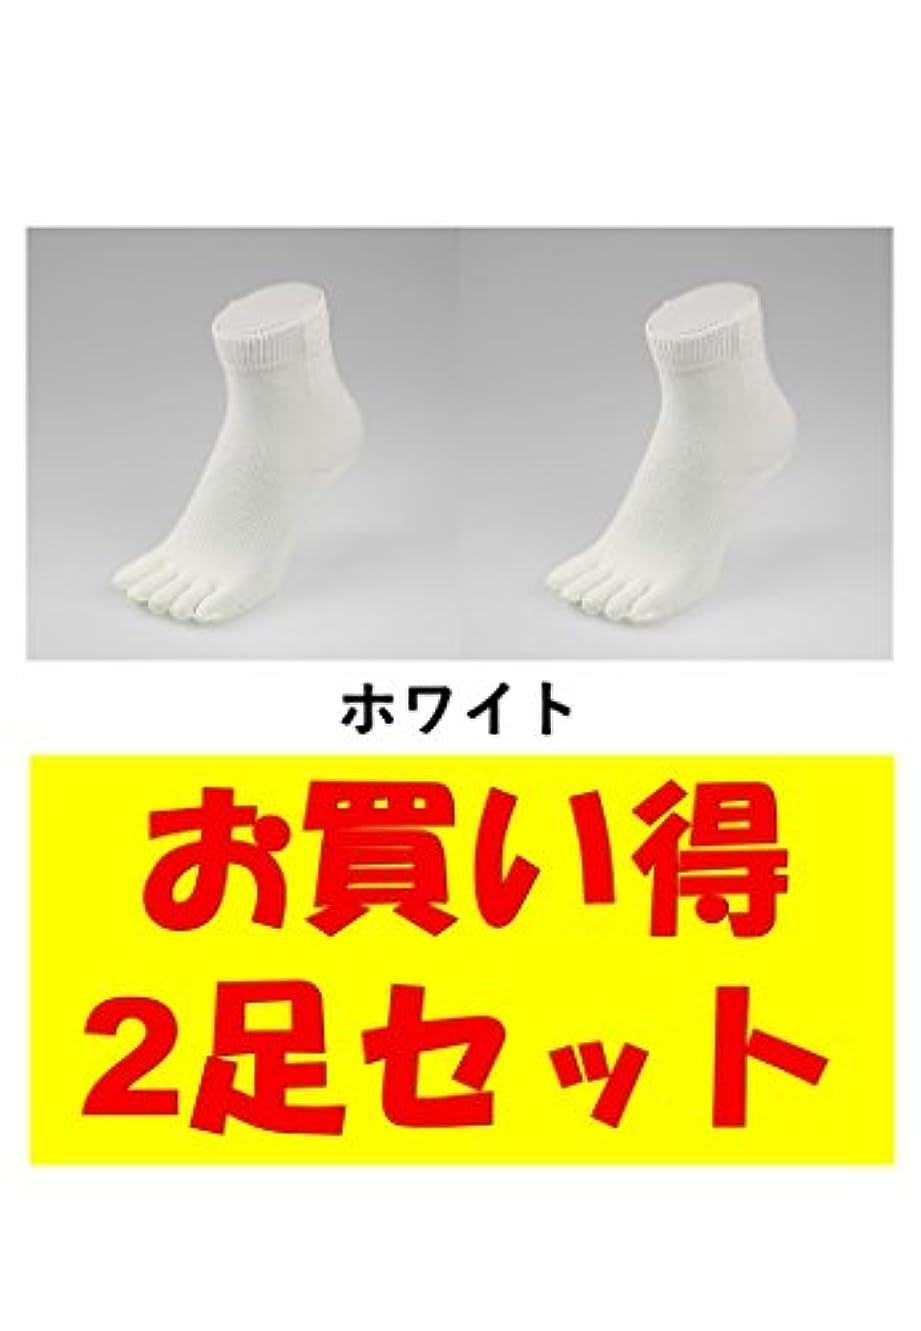 修羅場肝モチーフお買い得2足セット 5本指 ゆびのばソックス Neo EVE(イヴ) ホワイト Sサイズ(21.0cm - 24.0cm) YSNEVE-WHT